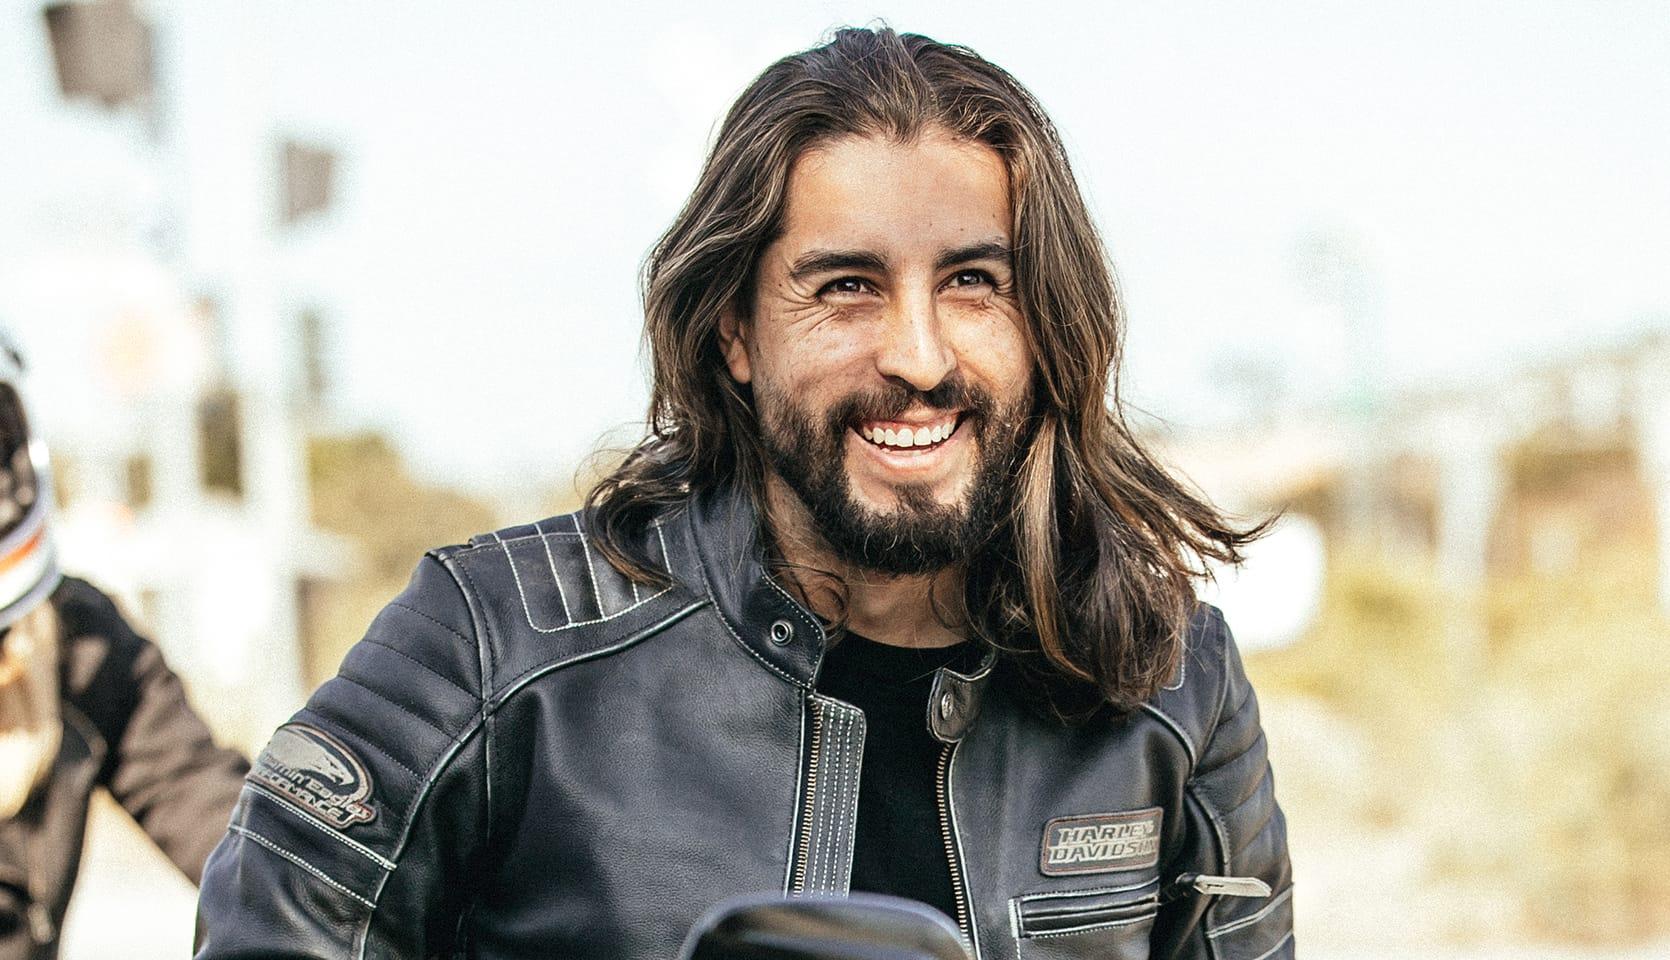 Harley-Davidson Rider Smiling